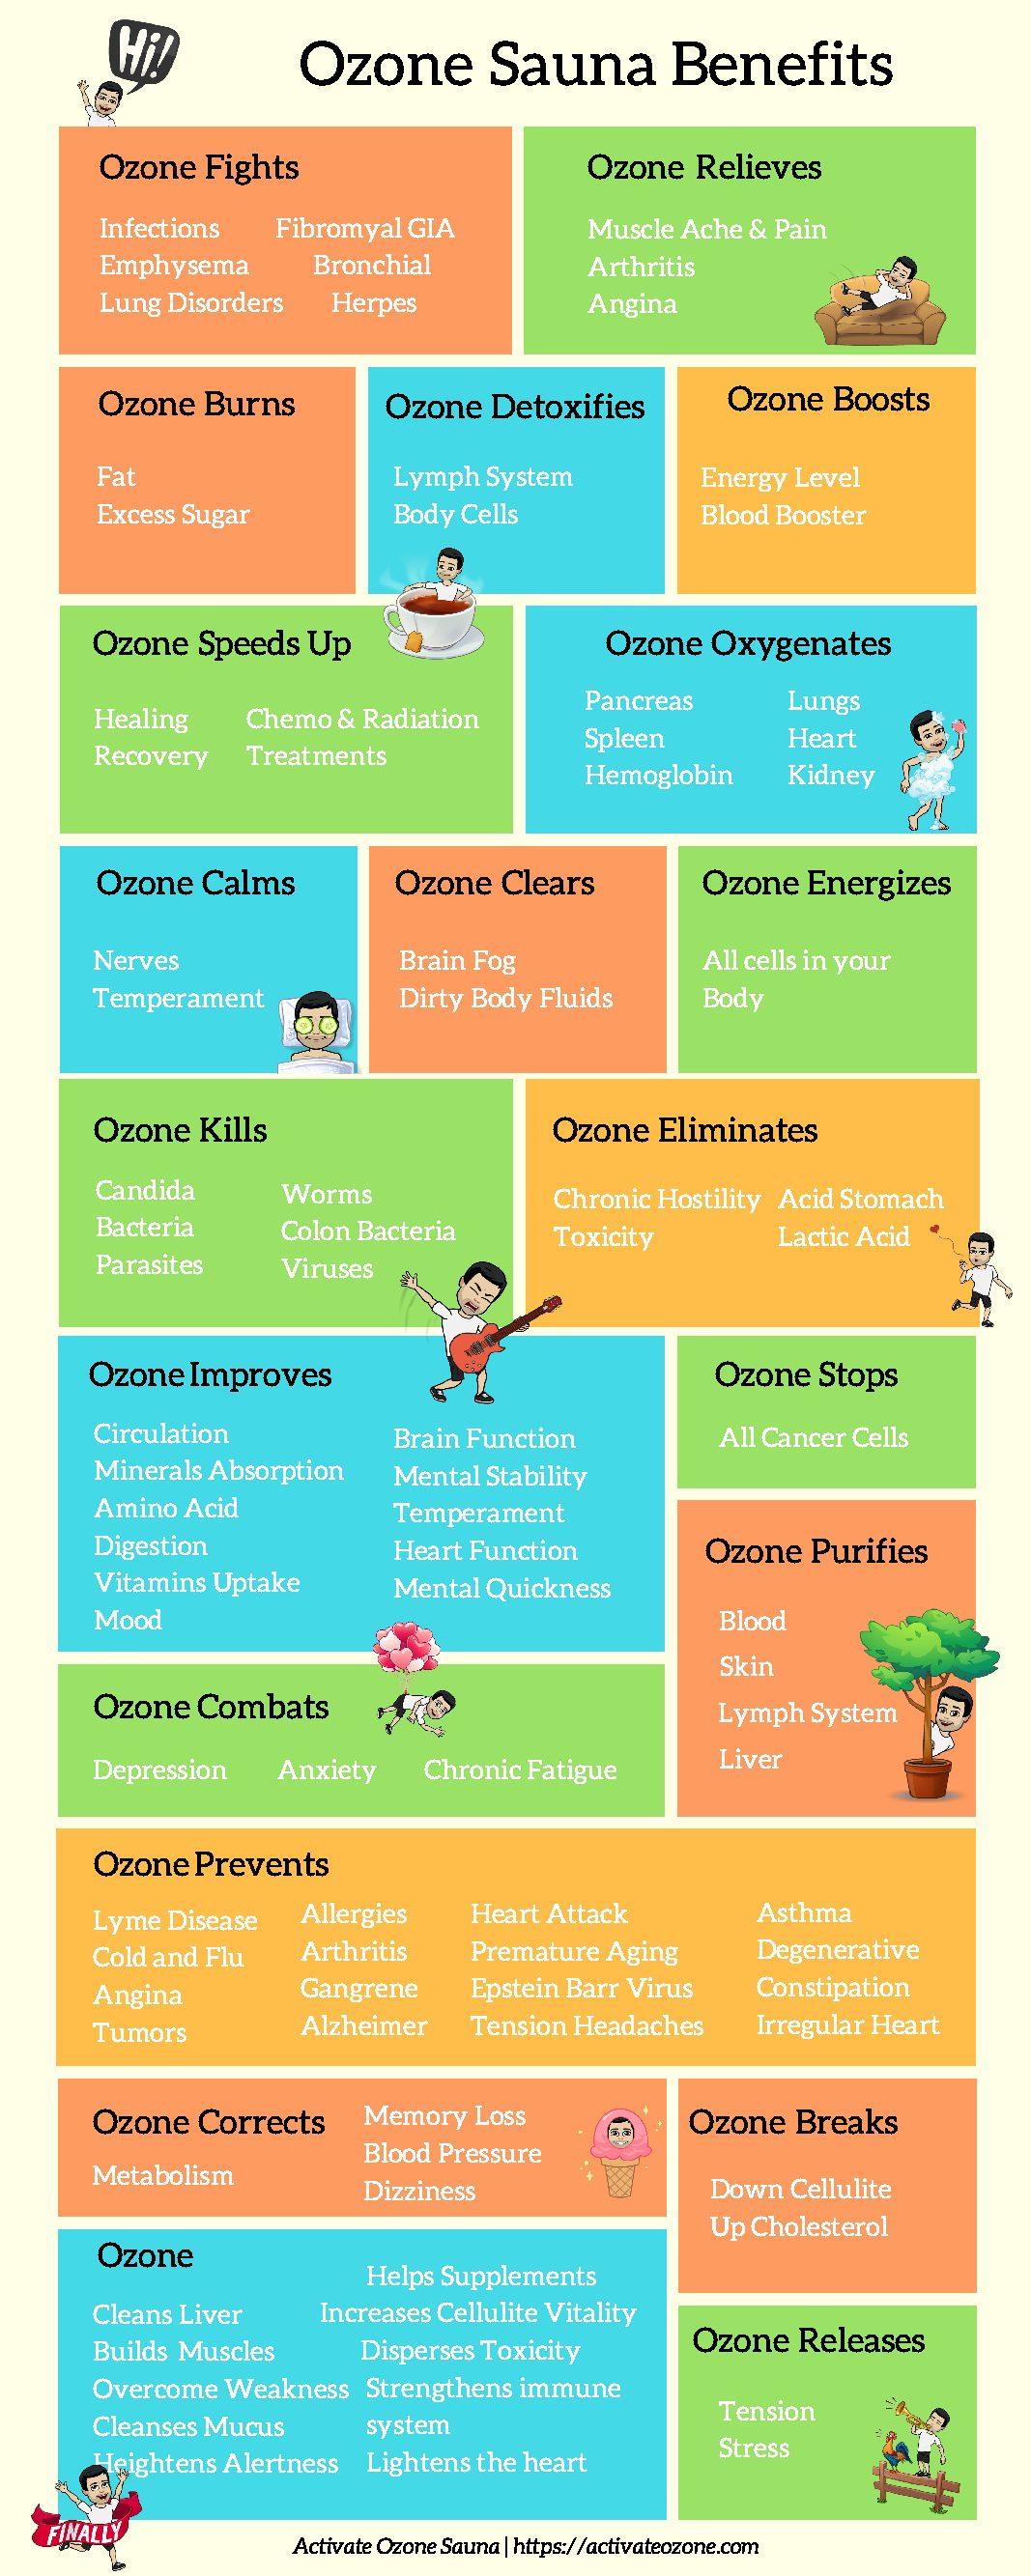 Ozone Sauna Benefits